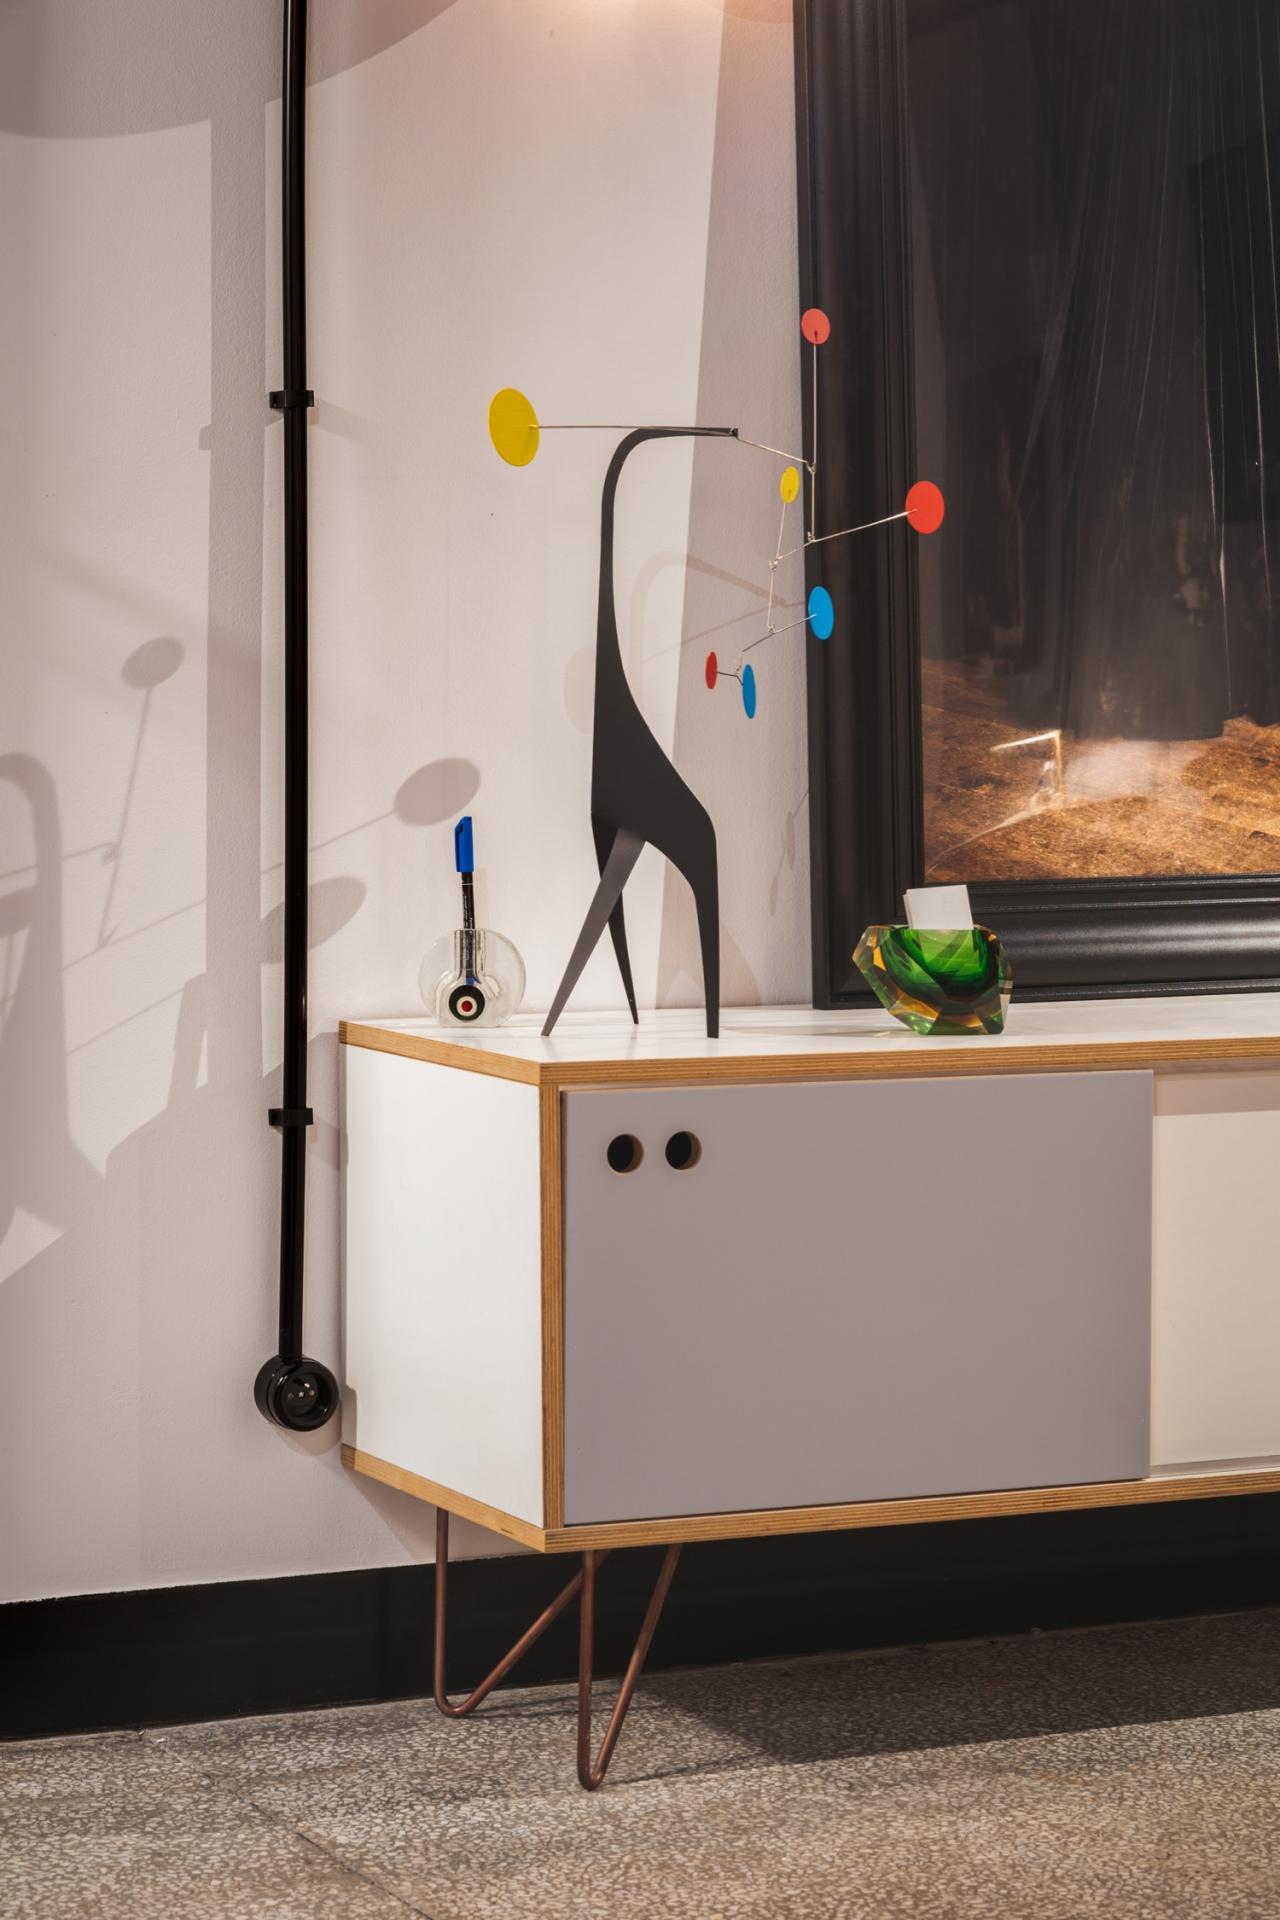 Intterno-concept-store-designalive-15